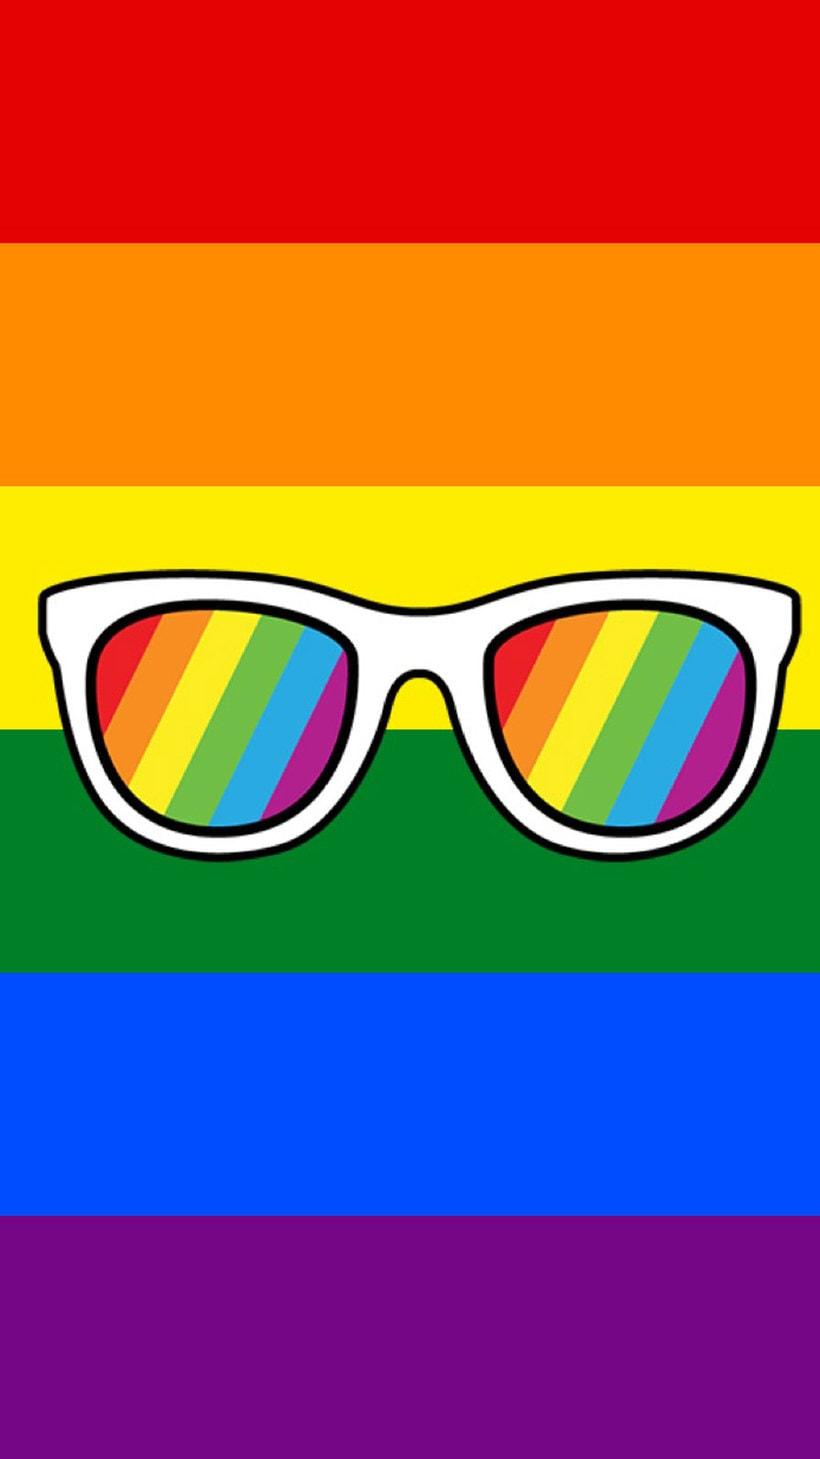 ¿Quién ha diseñado los stickers LGBTQ de Instagram? 20